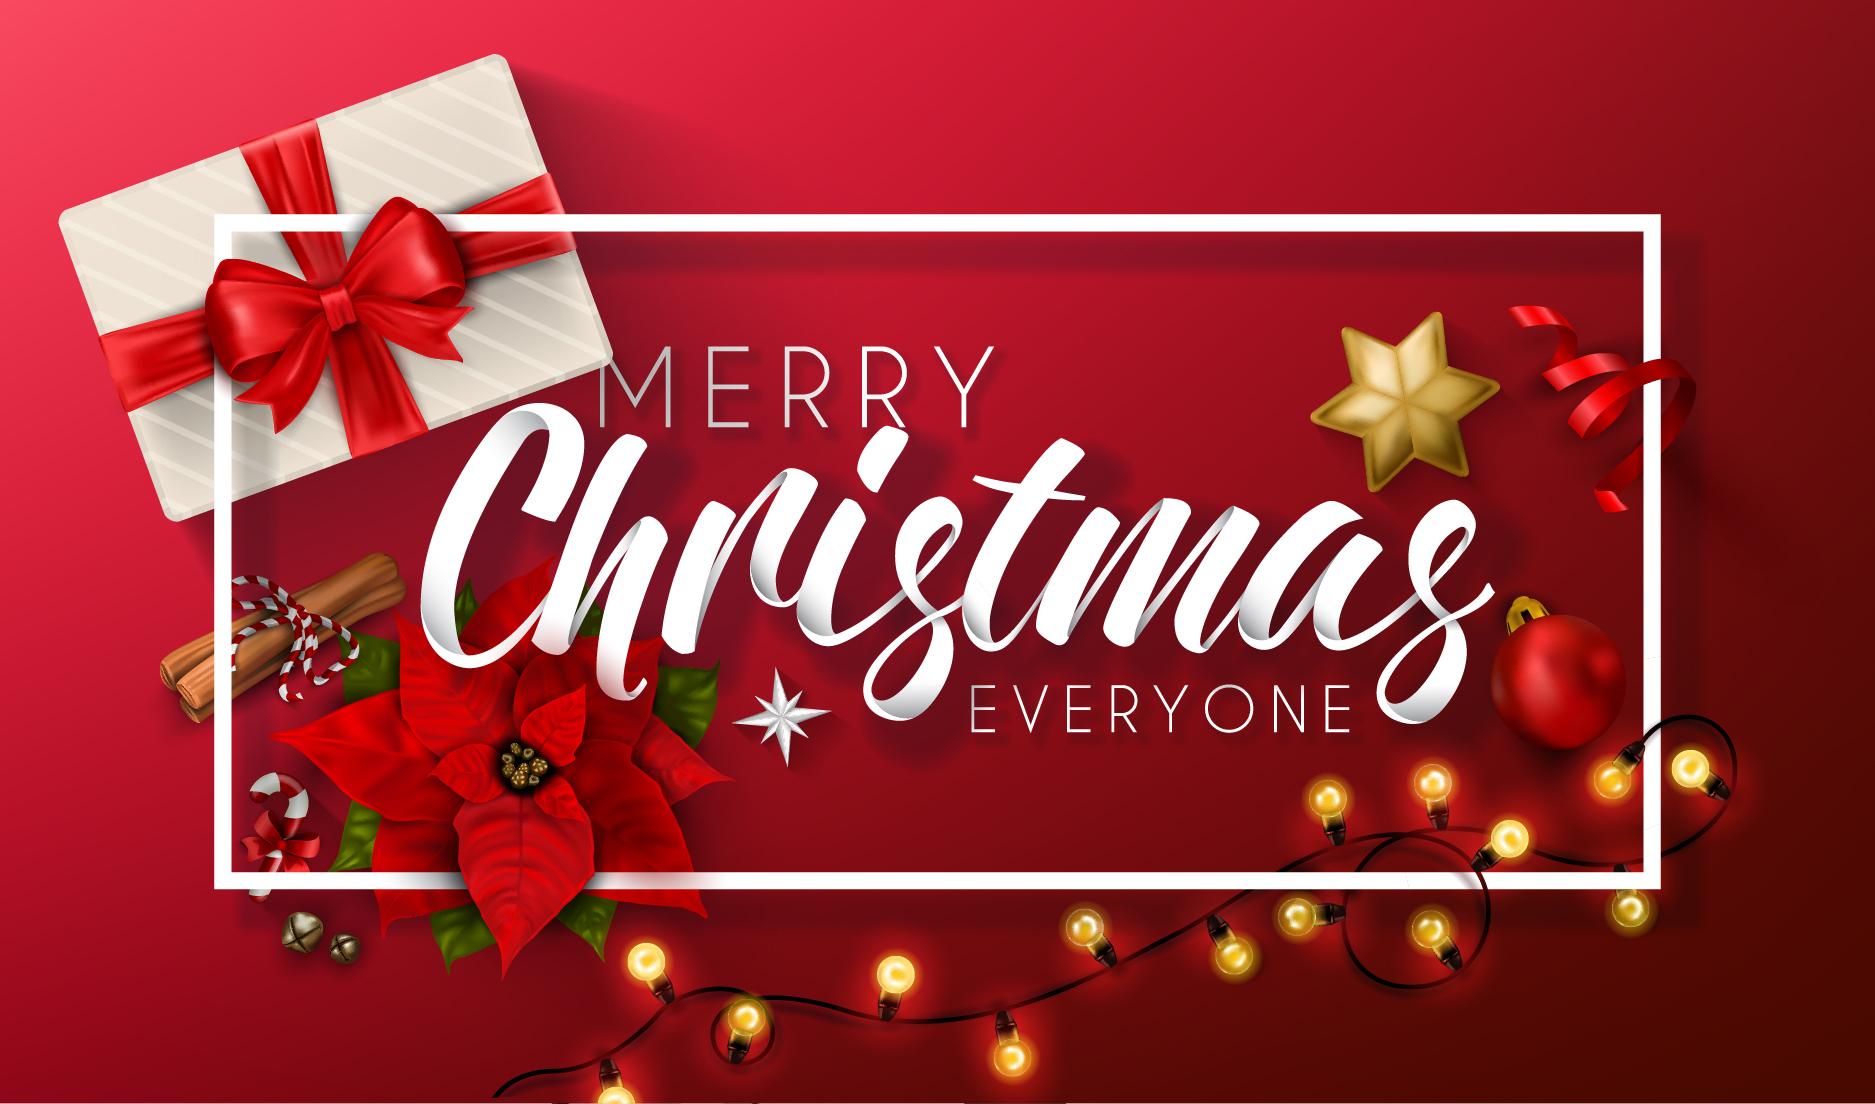 2017クリスマス戦線はやくも開始!【デート・食・プレゼント】